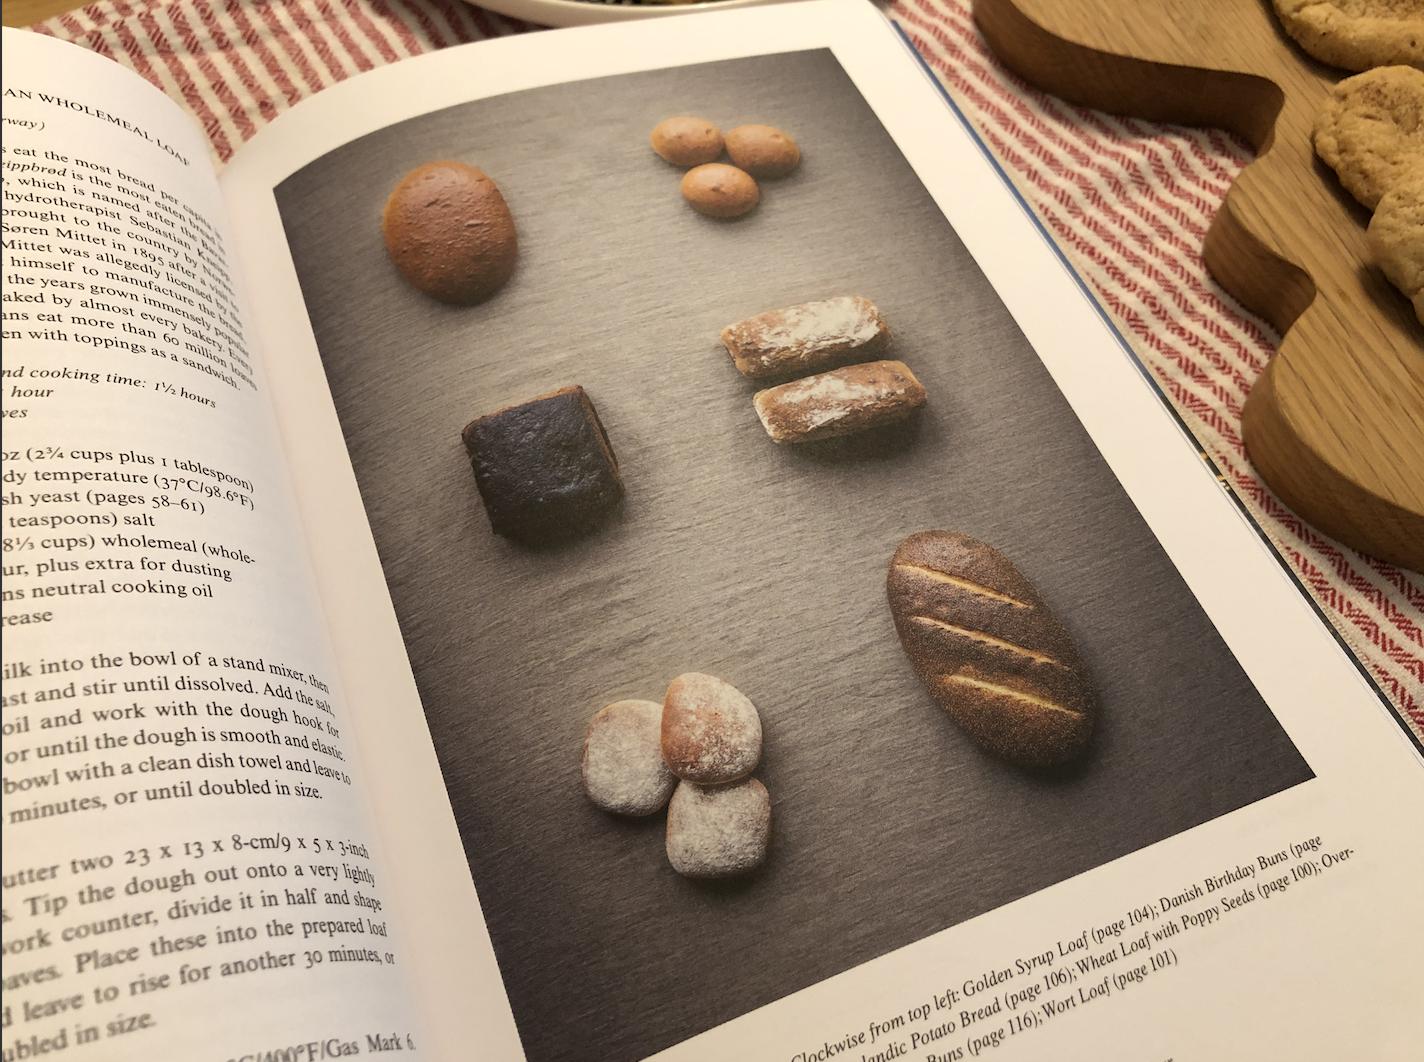 Magnus Nilsson The Nordic Baking Book